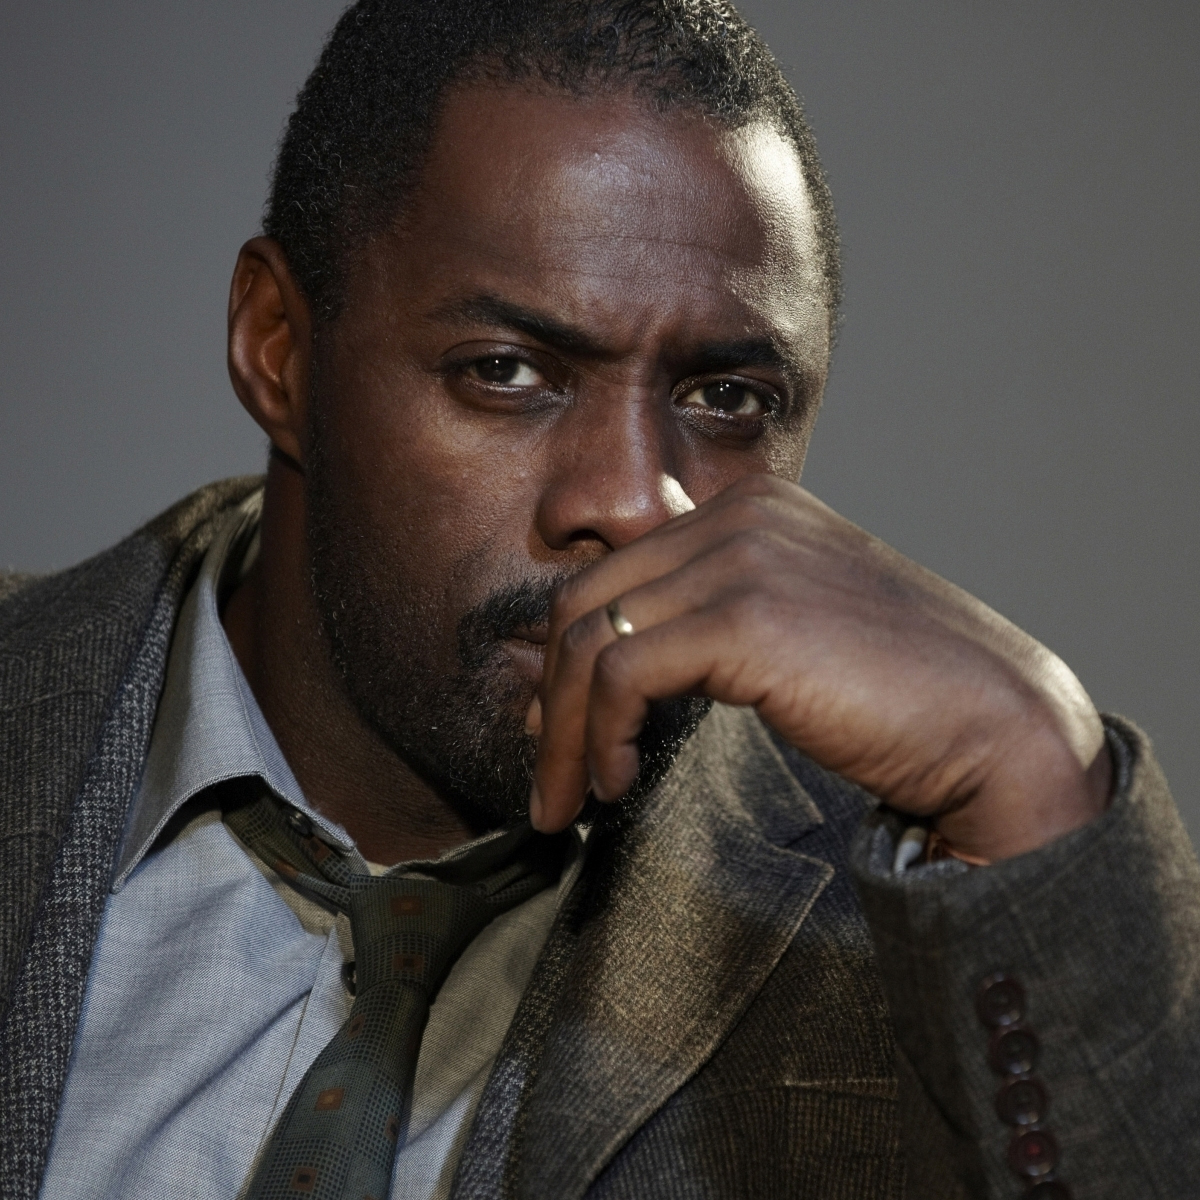 http://2.bp.blogspot.com/-Xi9wcN1iTIA/UD1rW-BLIII/AAAAAAAAI1g/VawHUx85pOw/s1600/Idris+Elba.jpg